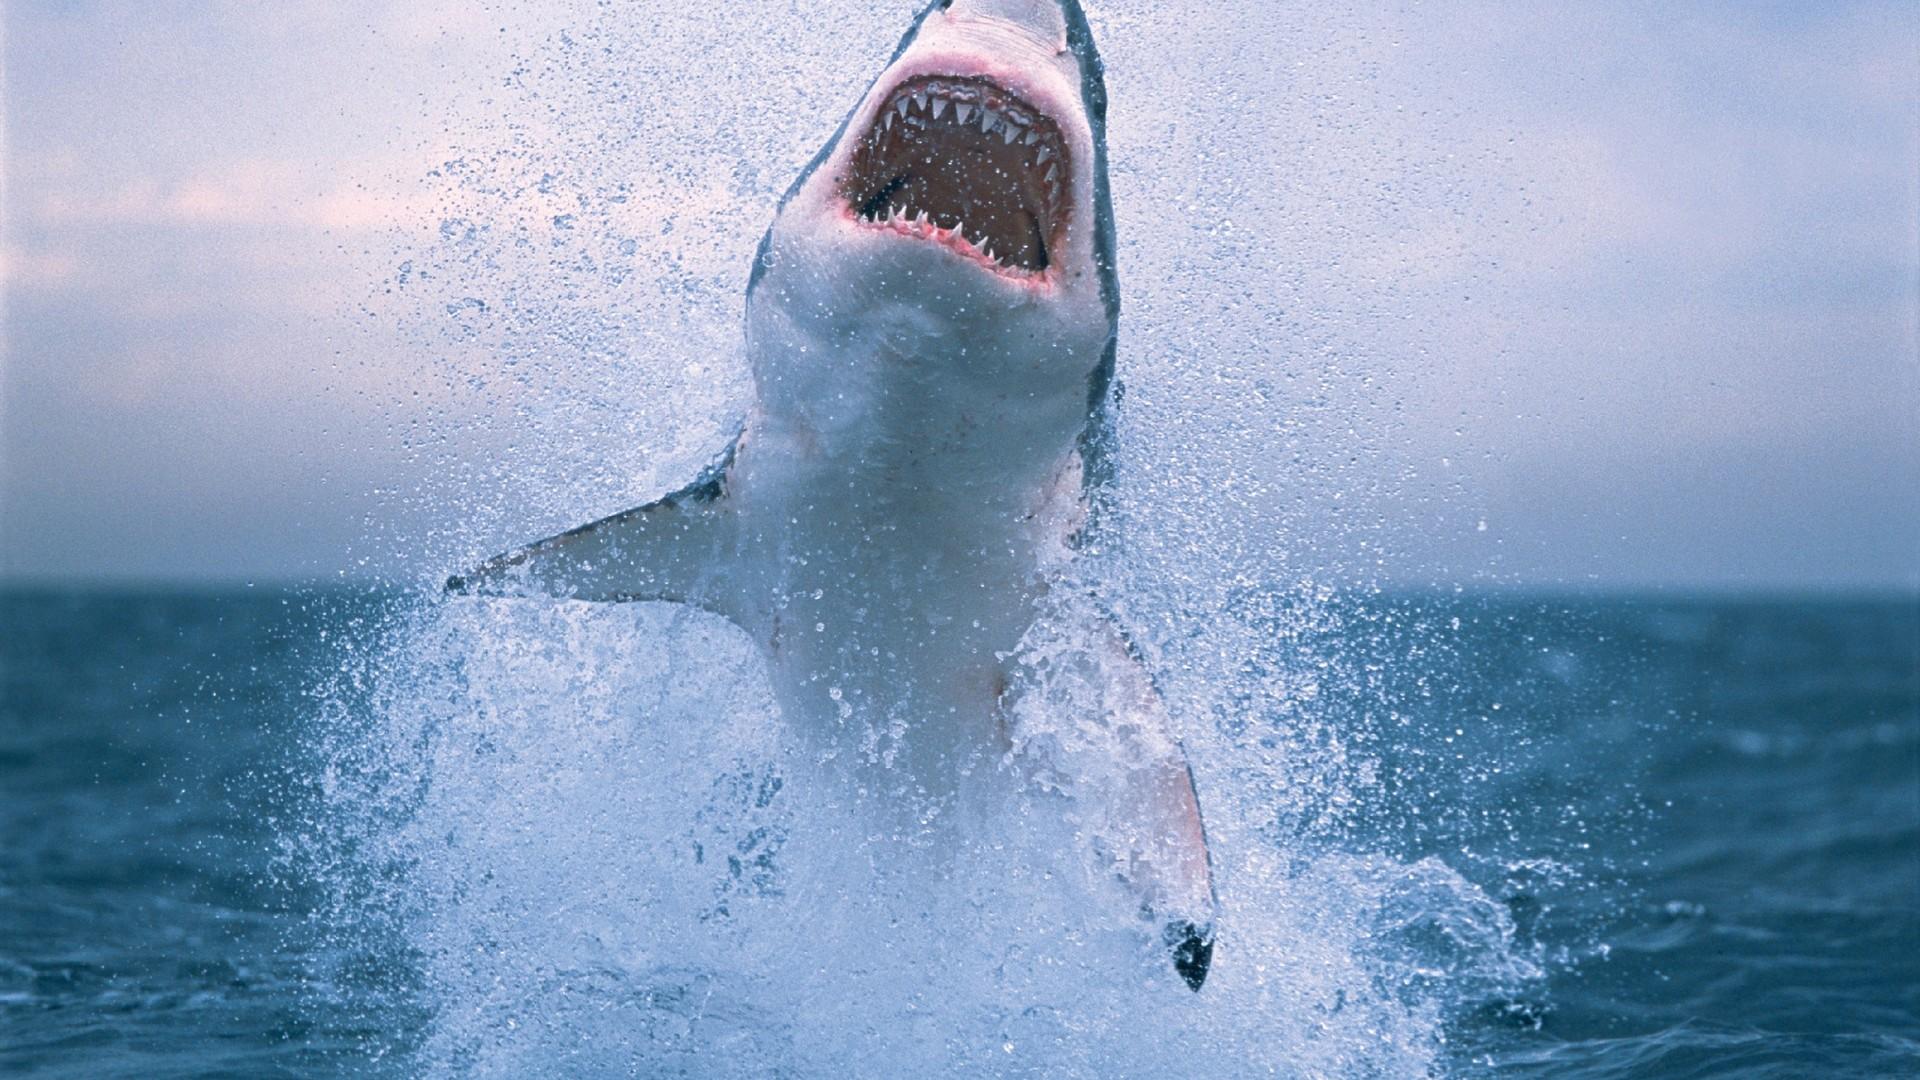 Shark jumping hd wallpaper shark jumping hd wallpaper voltagebd Images